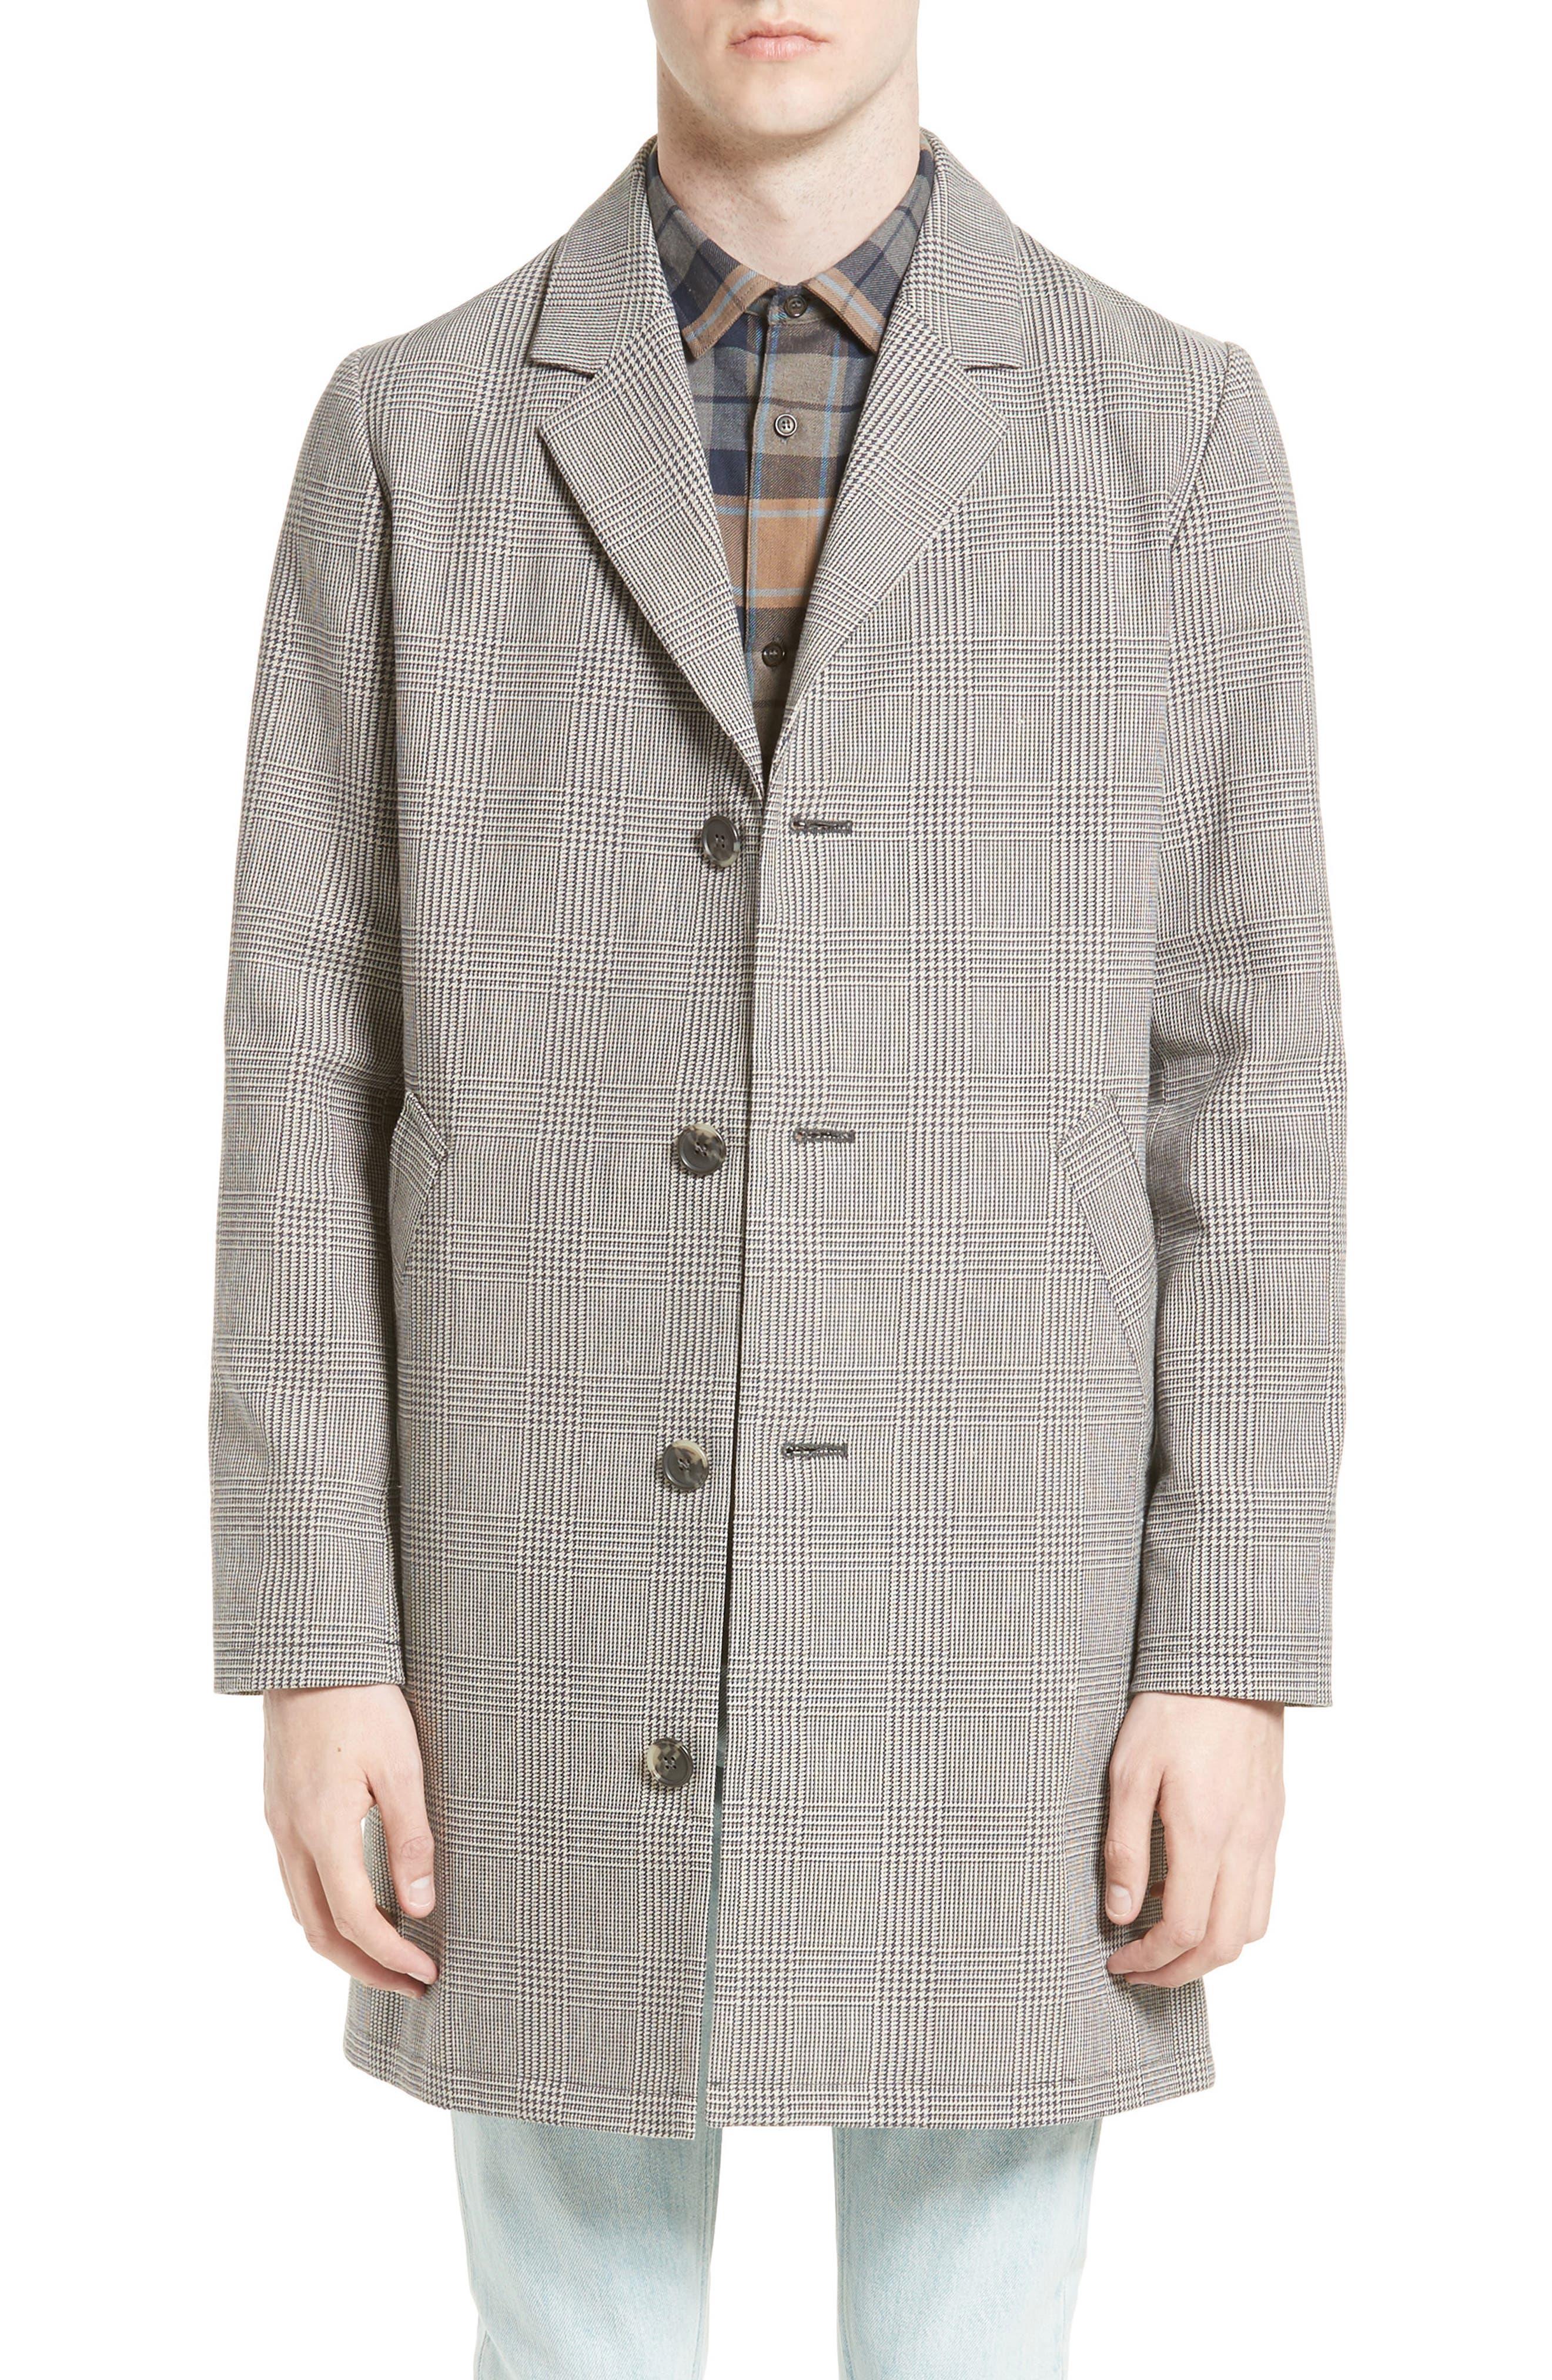 Main Image - A.P.C. Manteau Tristan Cotton & Linen Topcoat